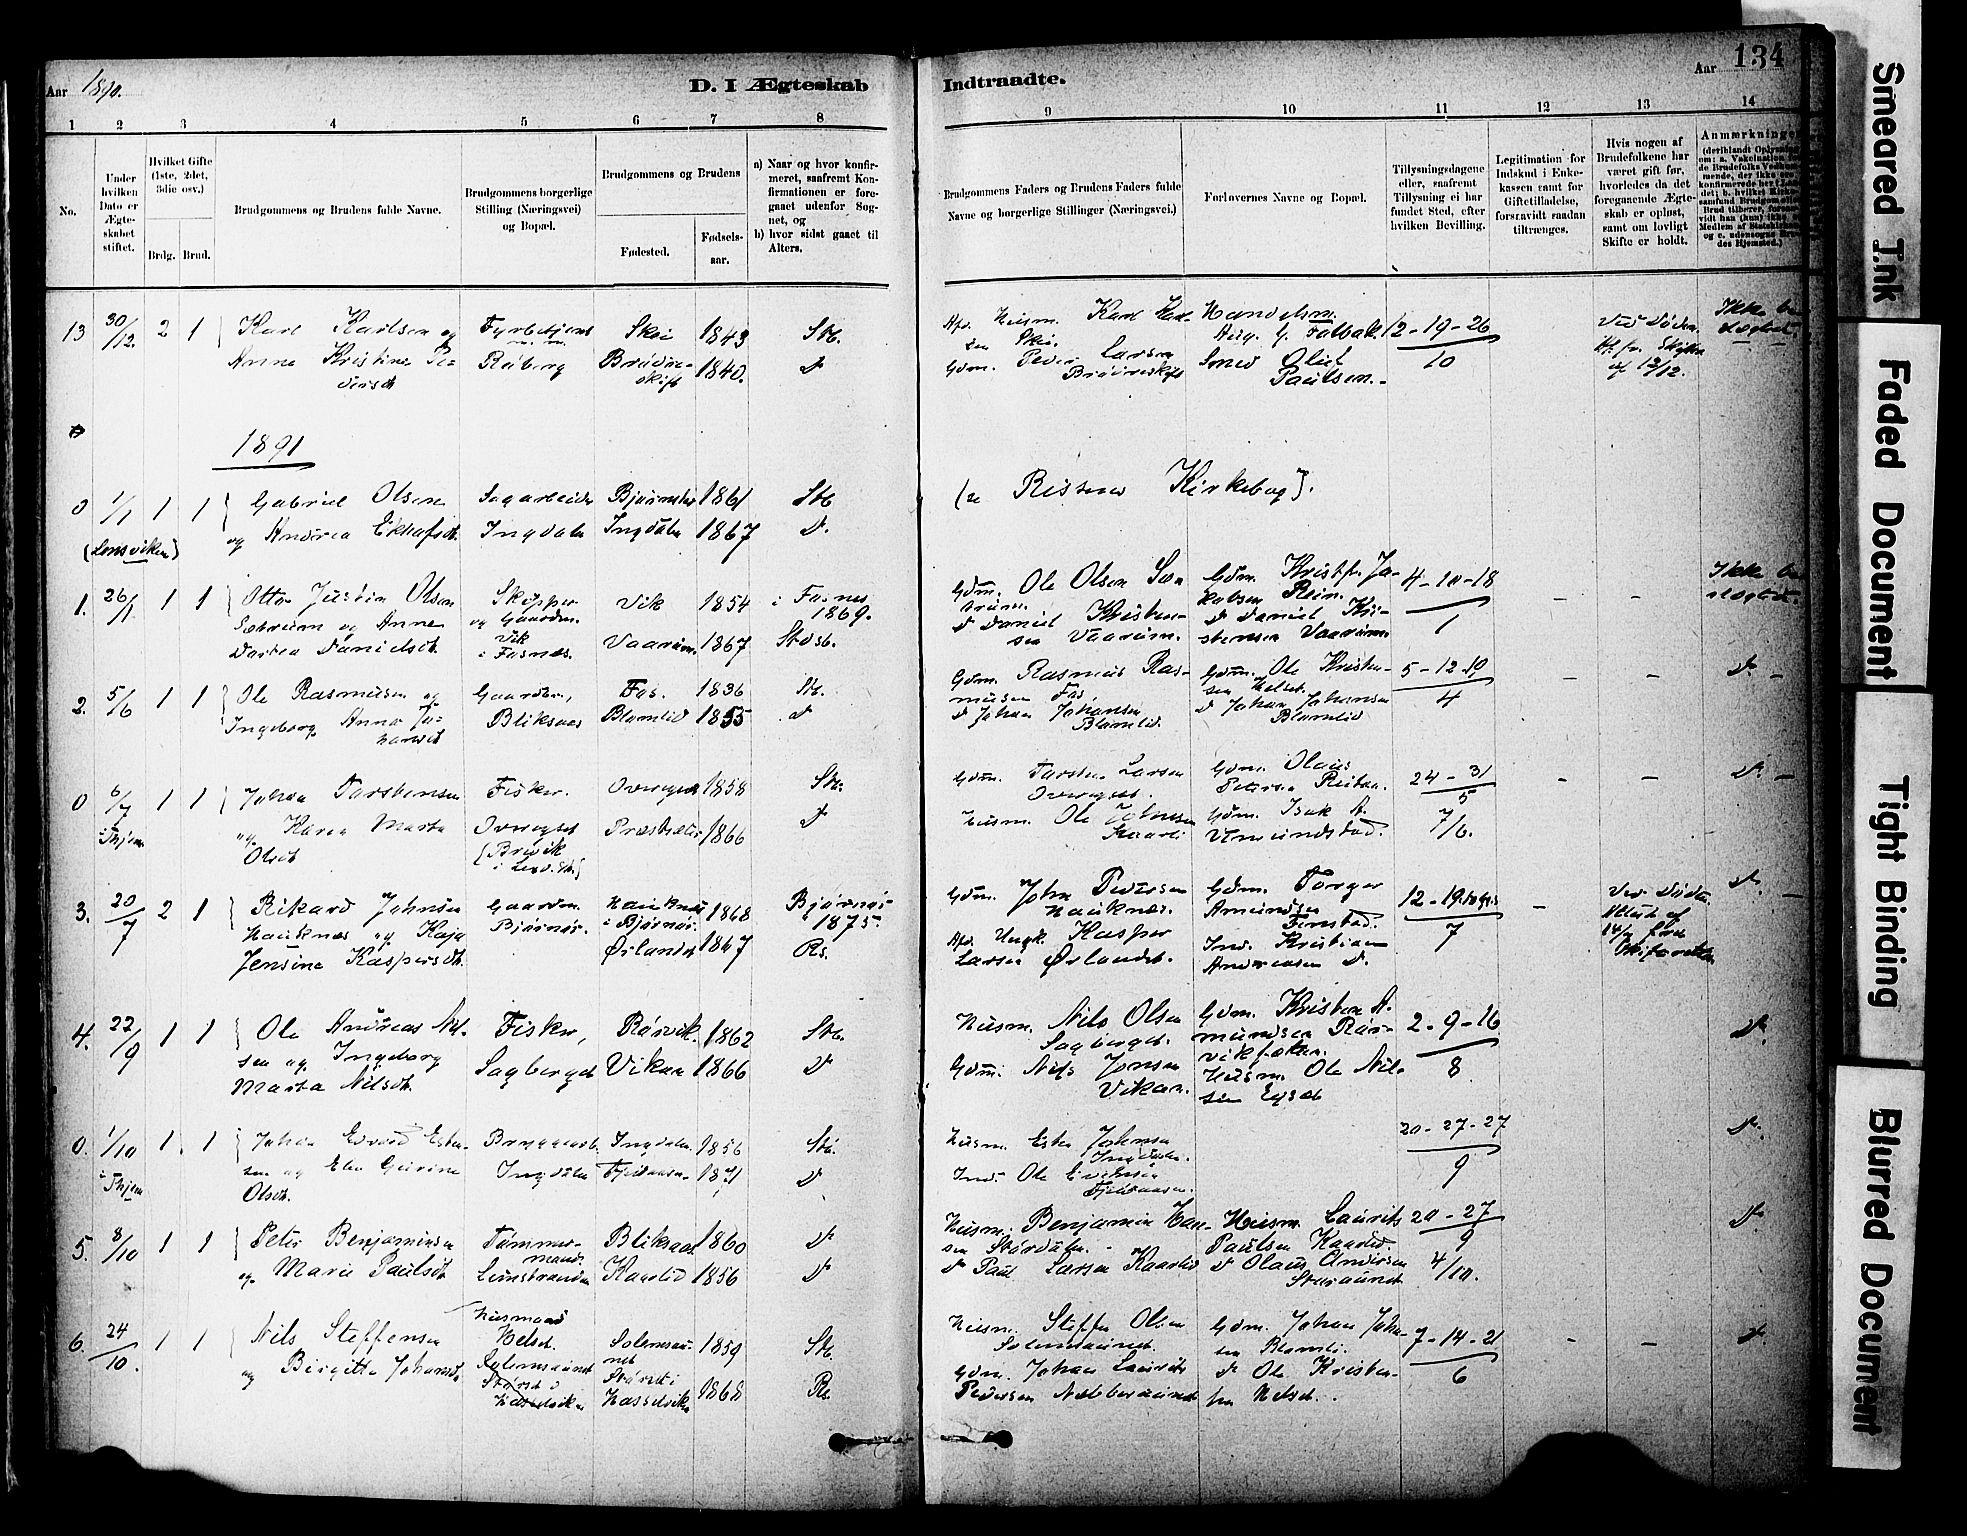 SAT, Ministerialprotokoller, klokkerbøker og fødselsregistre - Sør-Trøndelag, 646/L0615: Ministerialbok nr. 646A13, 1885-1900, s. 134